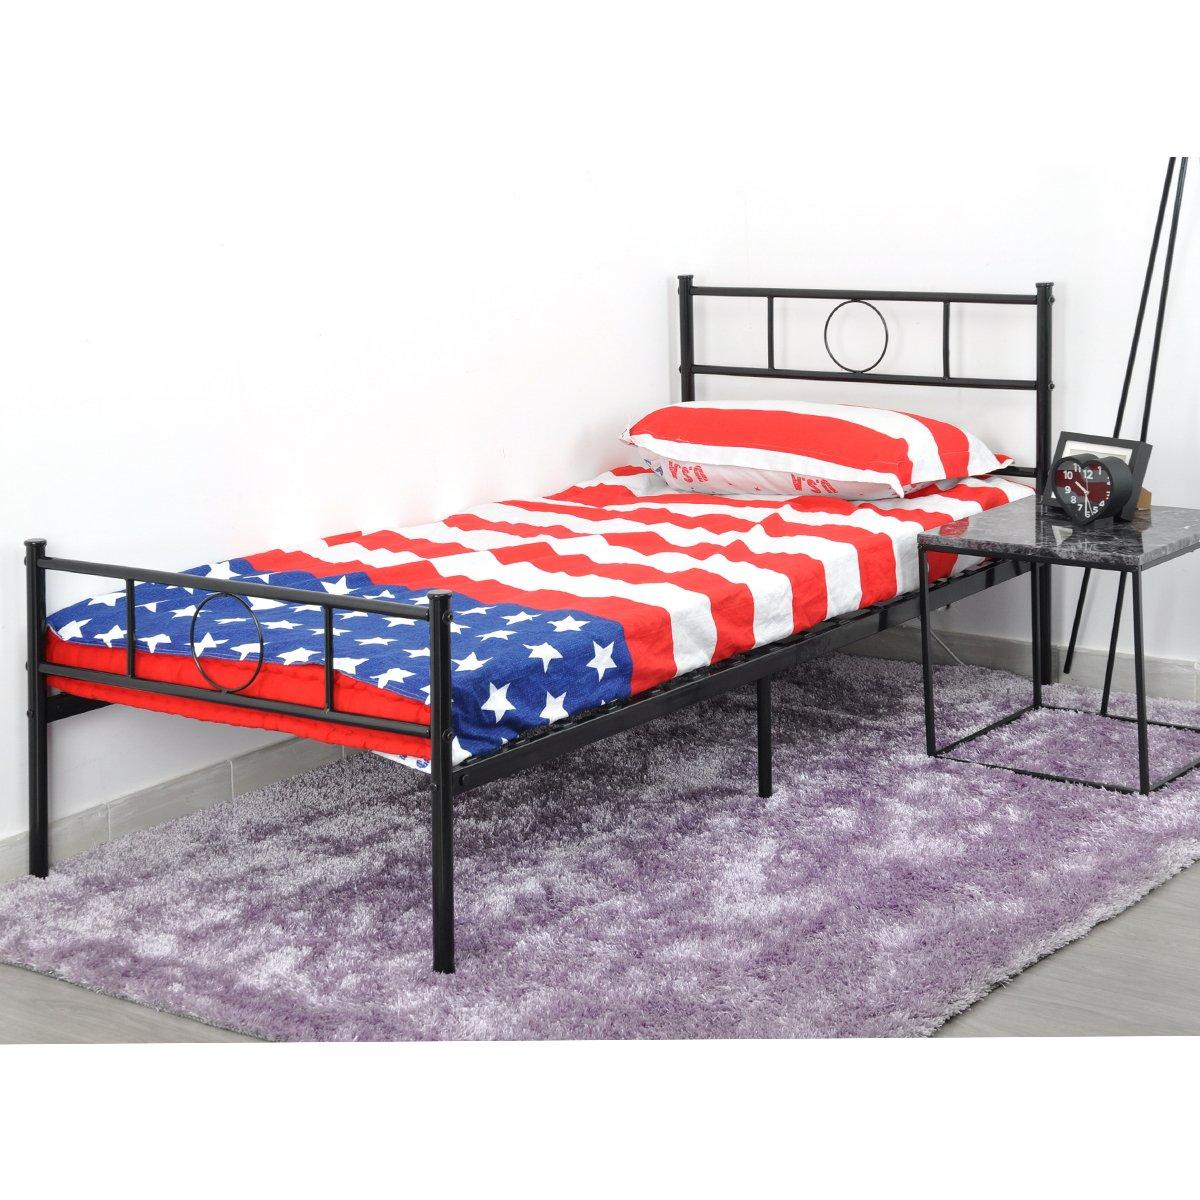 Marco de cama de metal Coavas 3 pies solo niño o adultos base sólida ...